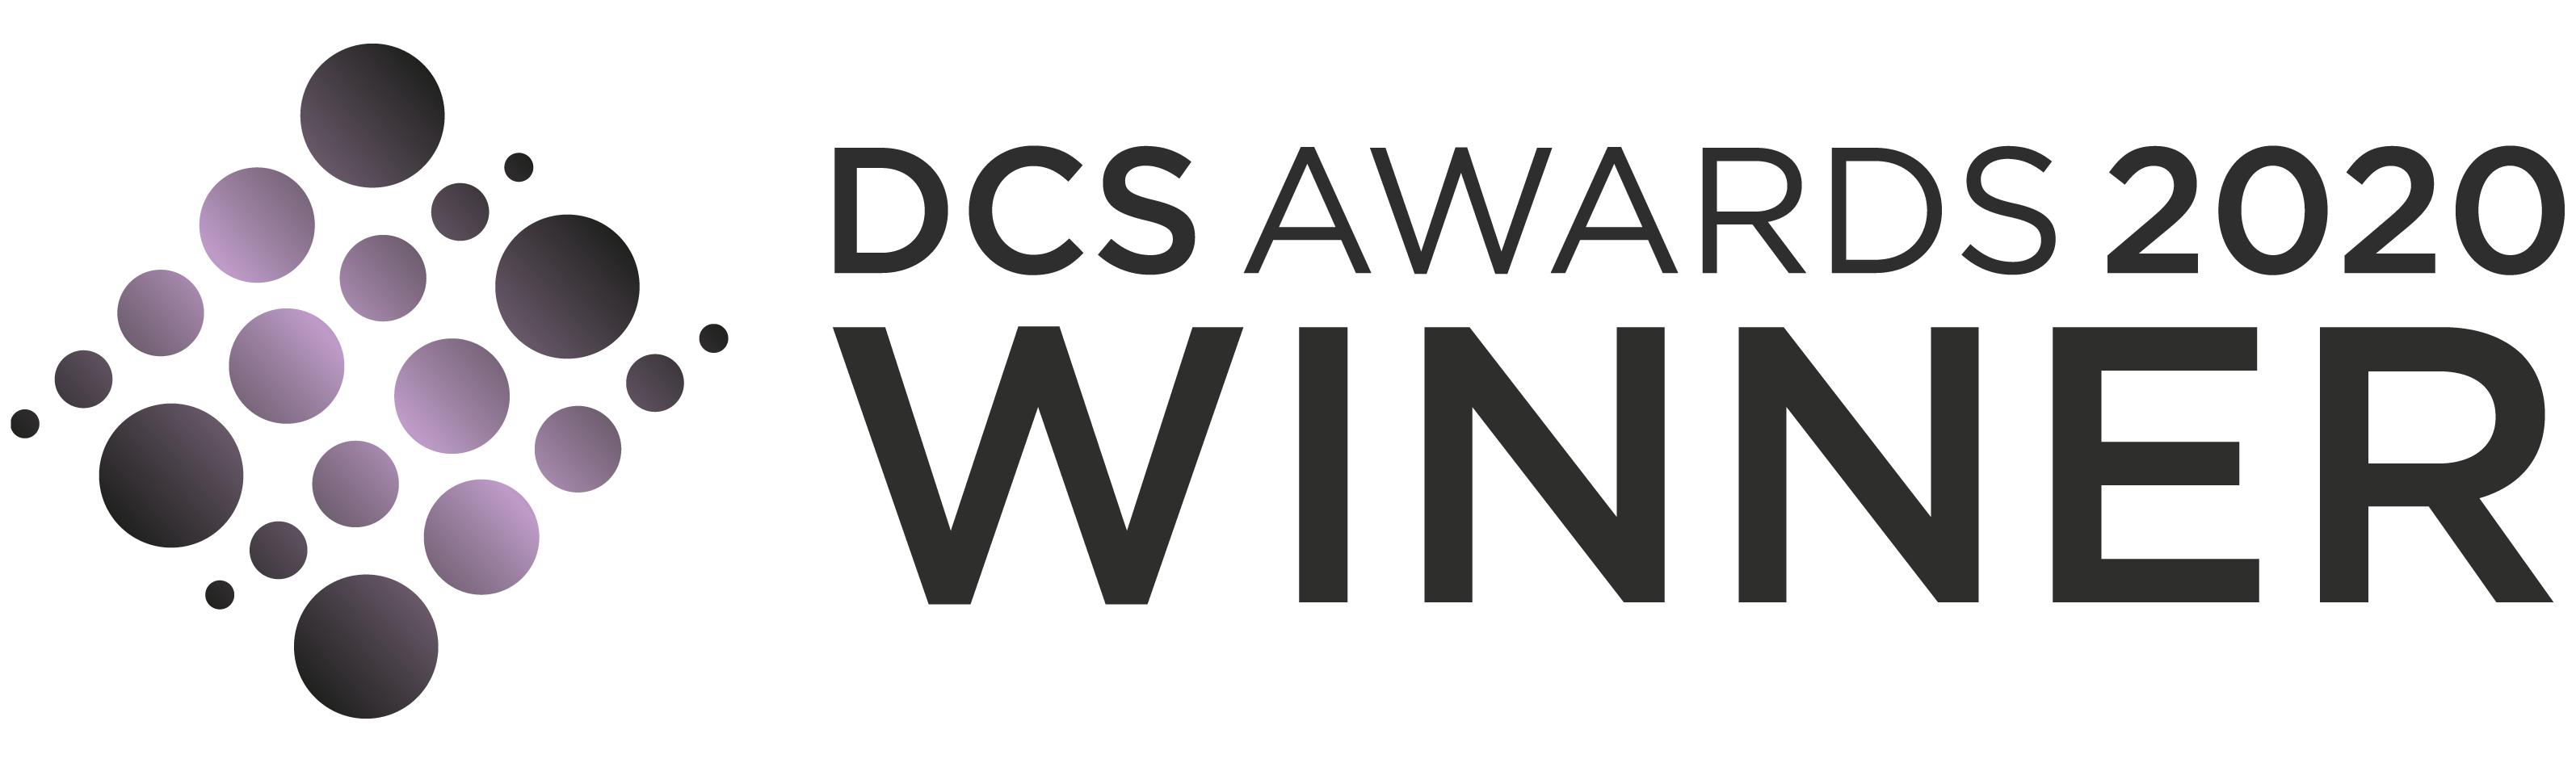 DCS Awards 2020 WINNER Logo HRZ